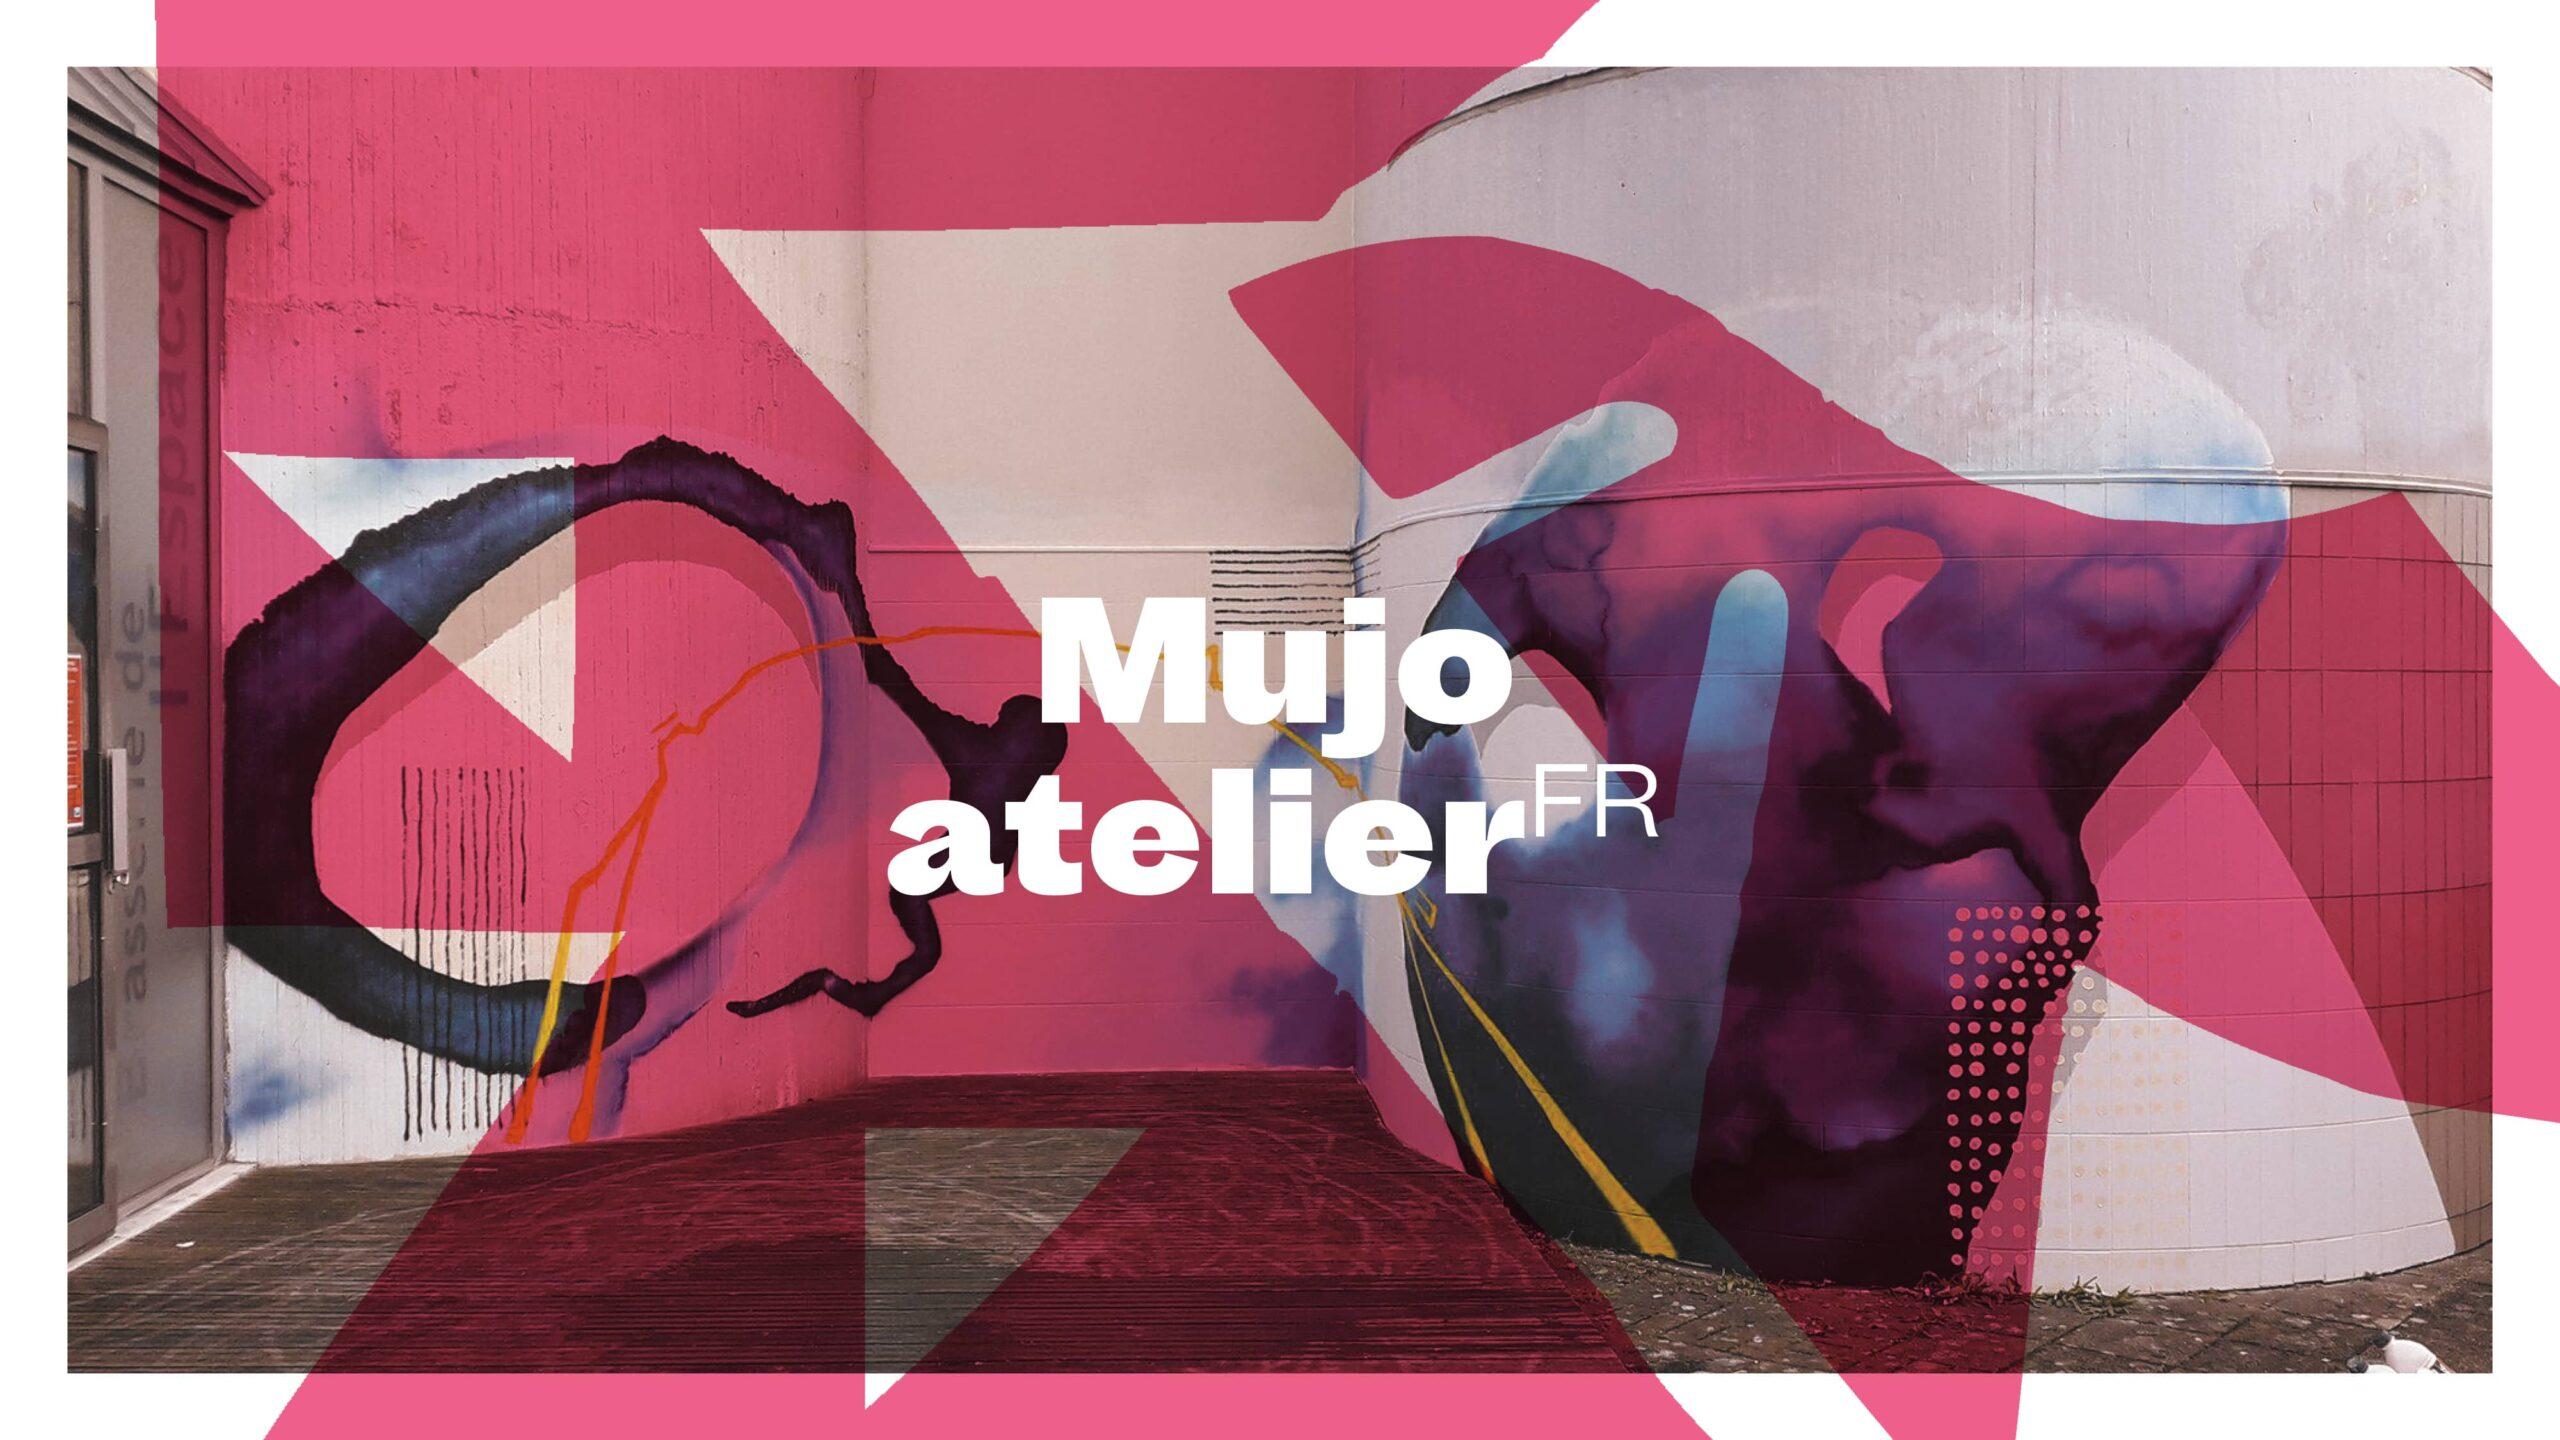 2021-Site-1920x1080px-annonces-artistes17